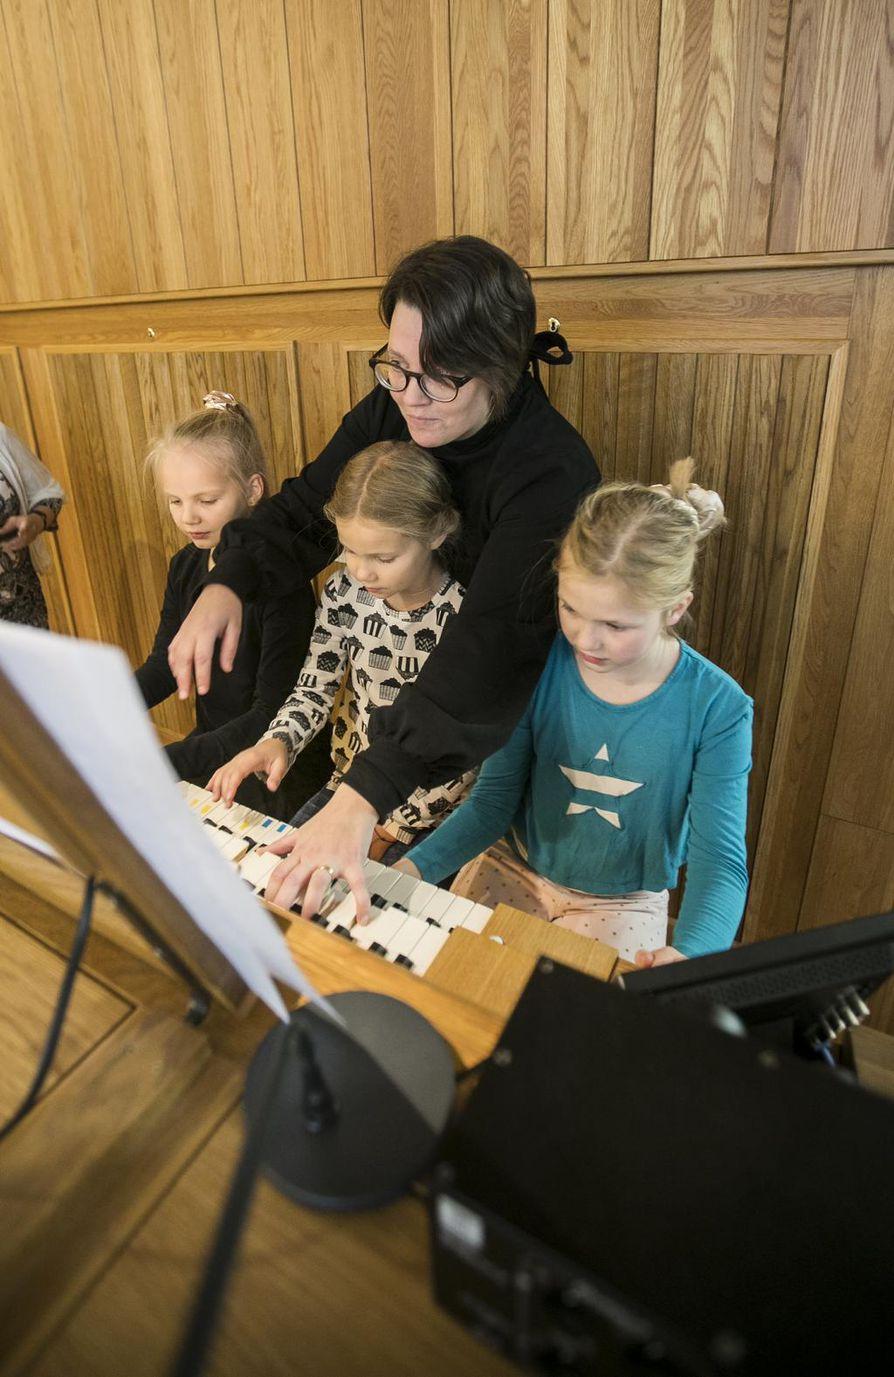 Ystäväni on kuin villasukka -säestys oli Lotta Hämeenniemen (vas.), Tilda Järvenpään ja Krista Pajusen vastuulla. Emilia Soranta auttoi tarvittaessa.